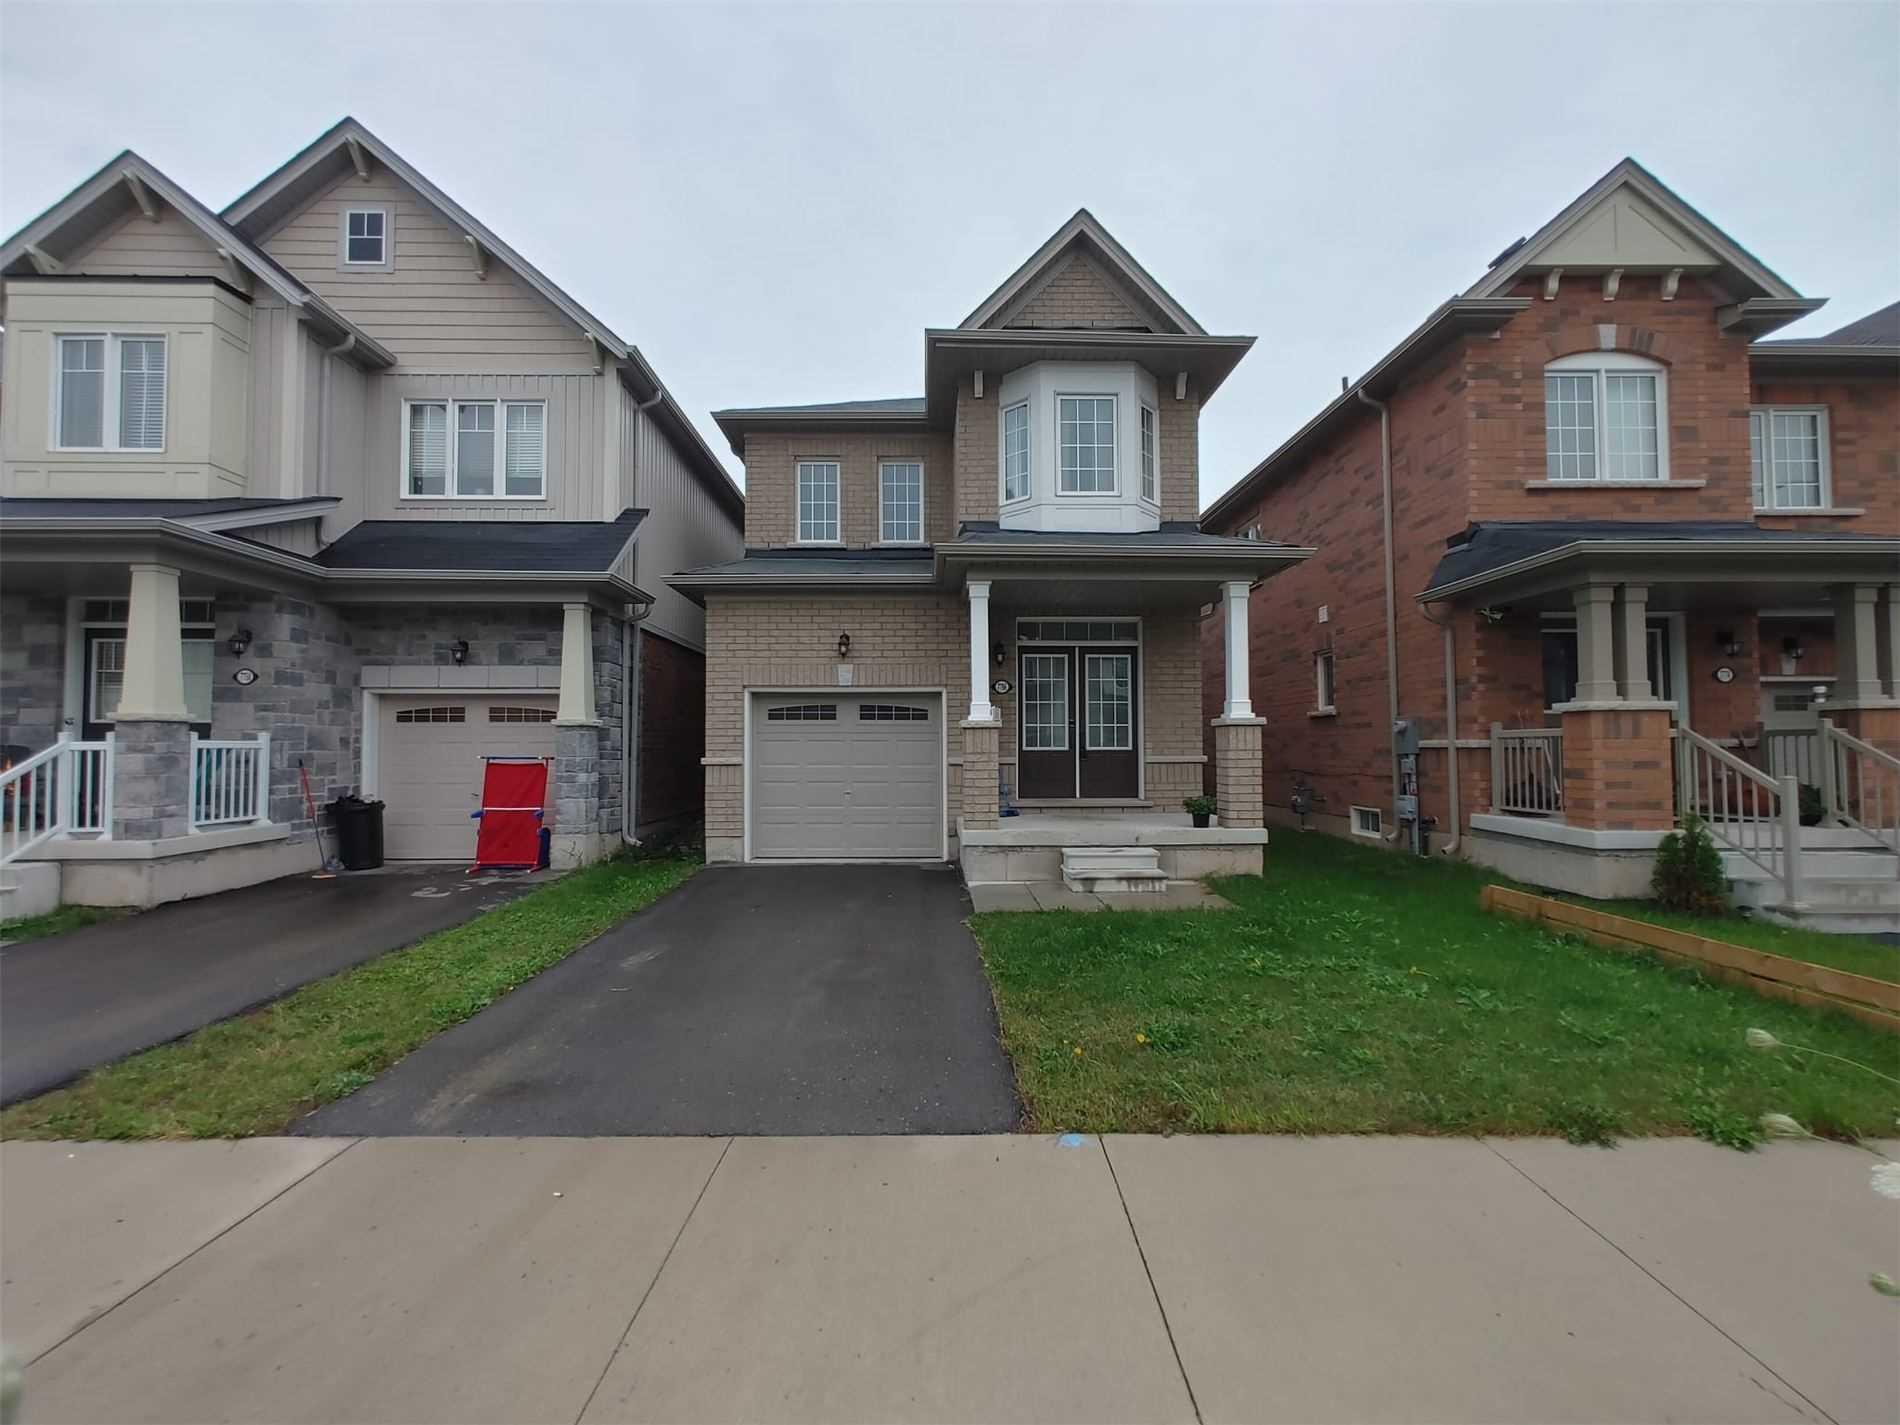 7766 Hackberry Tr, Niagara Falls, Ontario L2H 3R5, 3 Bedrooms Bedrooms, ,3 BathroomsBathrooms,Duplex,For Sale,Hackberry,X5373654